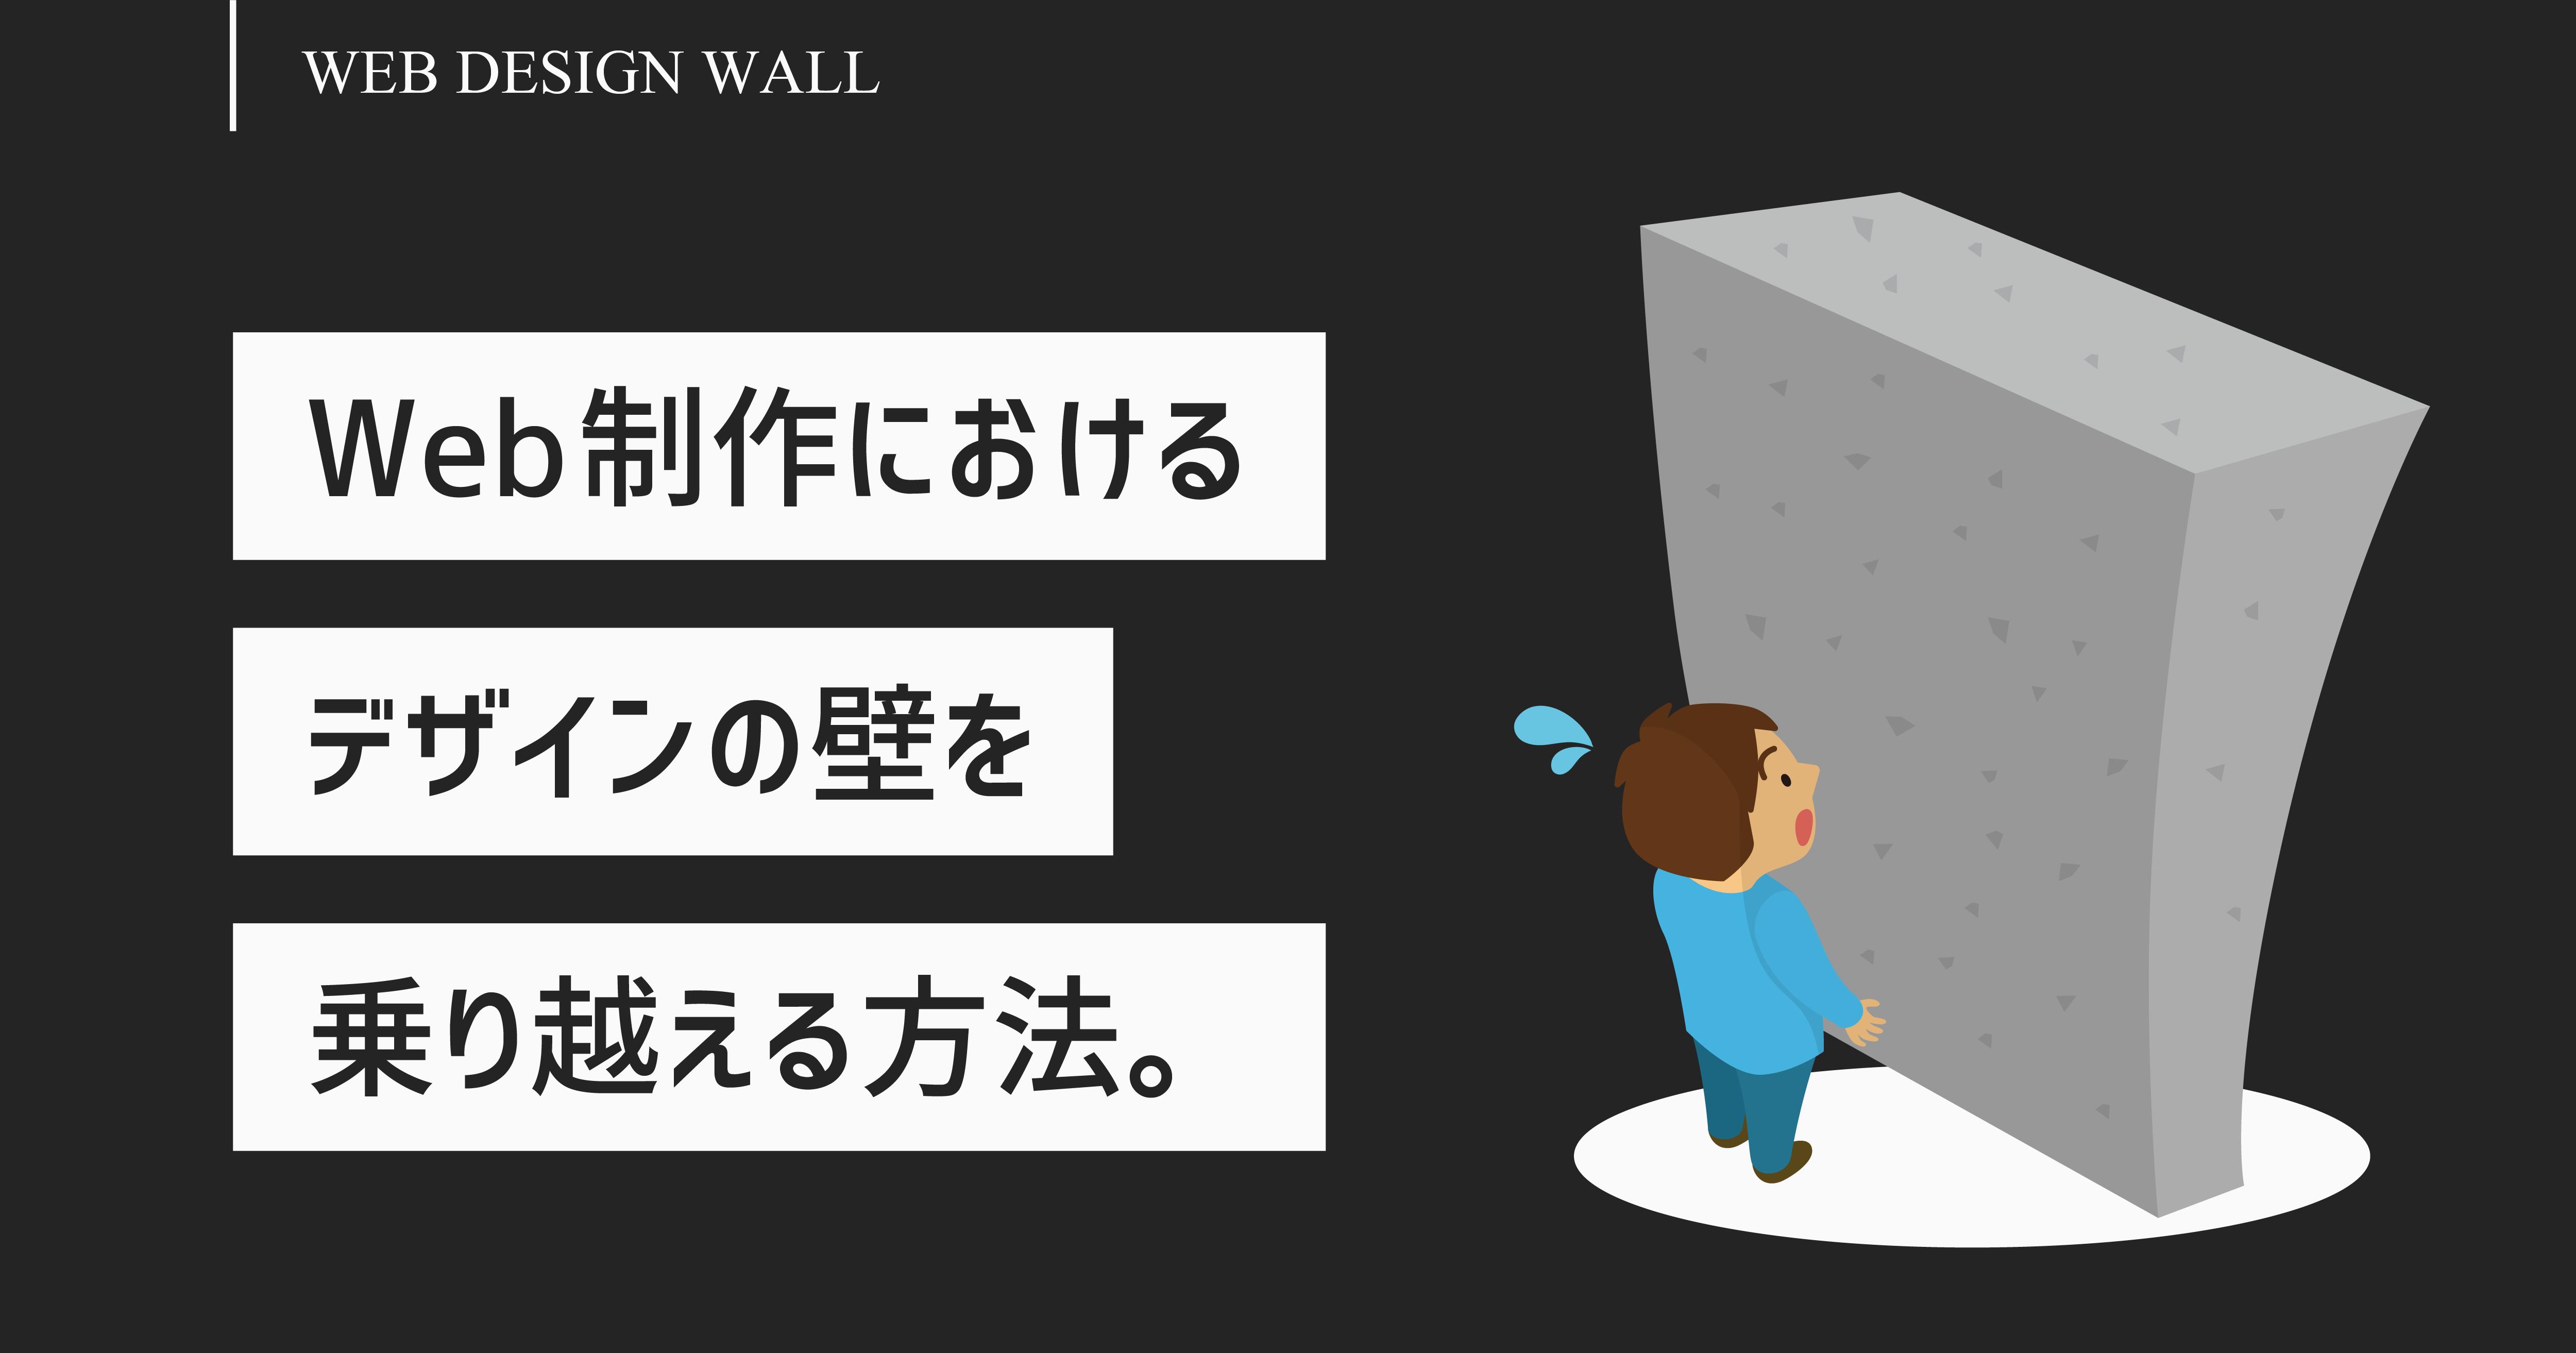 Web制作におけるデザインの壁を乗り越える方法。